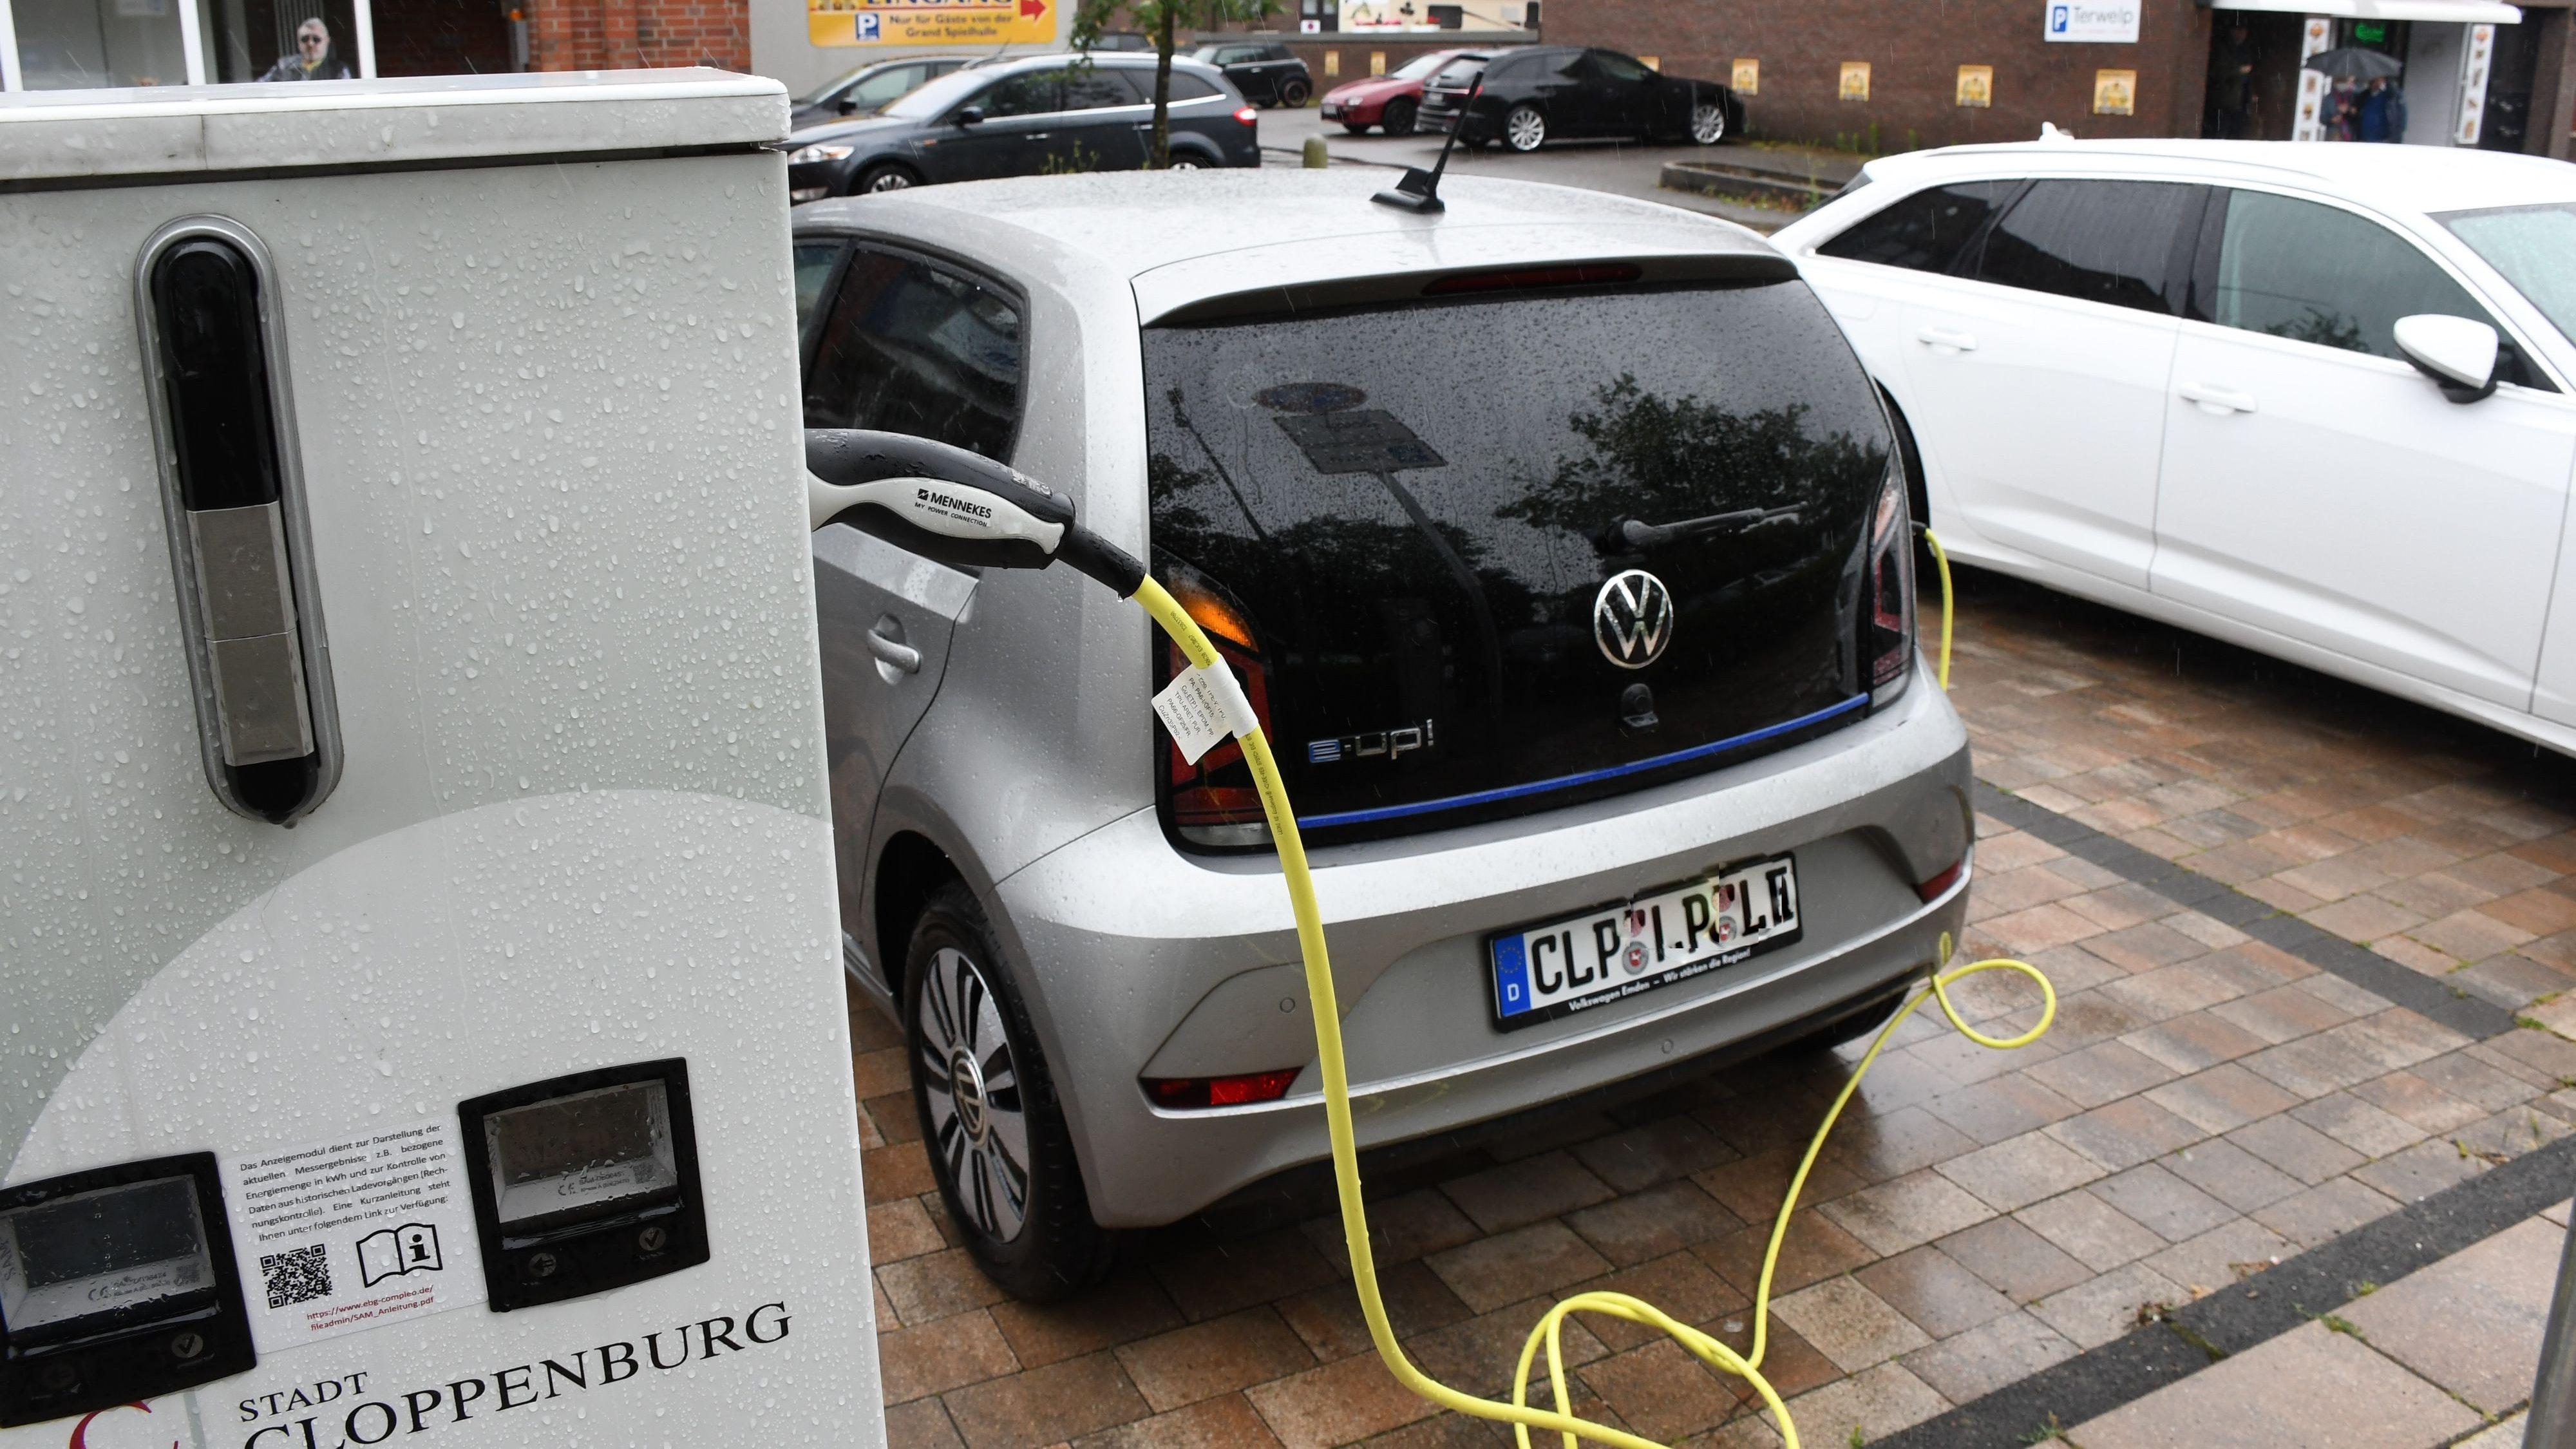 Mit Stadtzuschuss: 500 Euro zusätzlich soll's aus der Stadtkasse für kleine E-Autos geben, schlagen die Grünen vor. Foto: Kreke